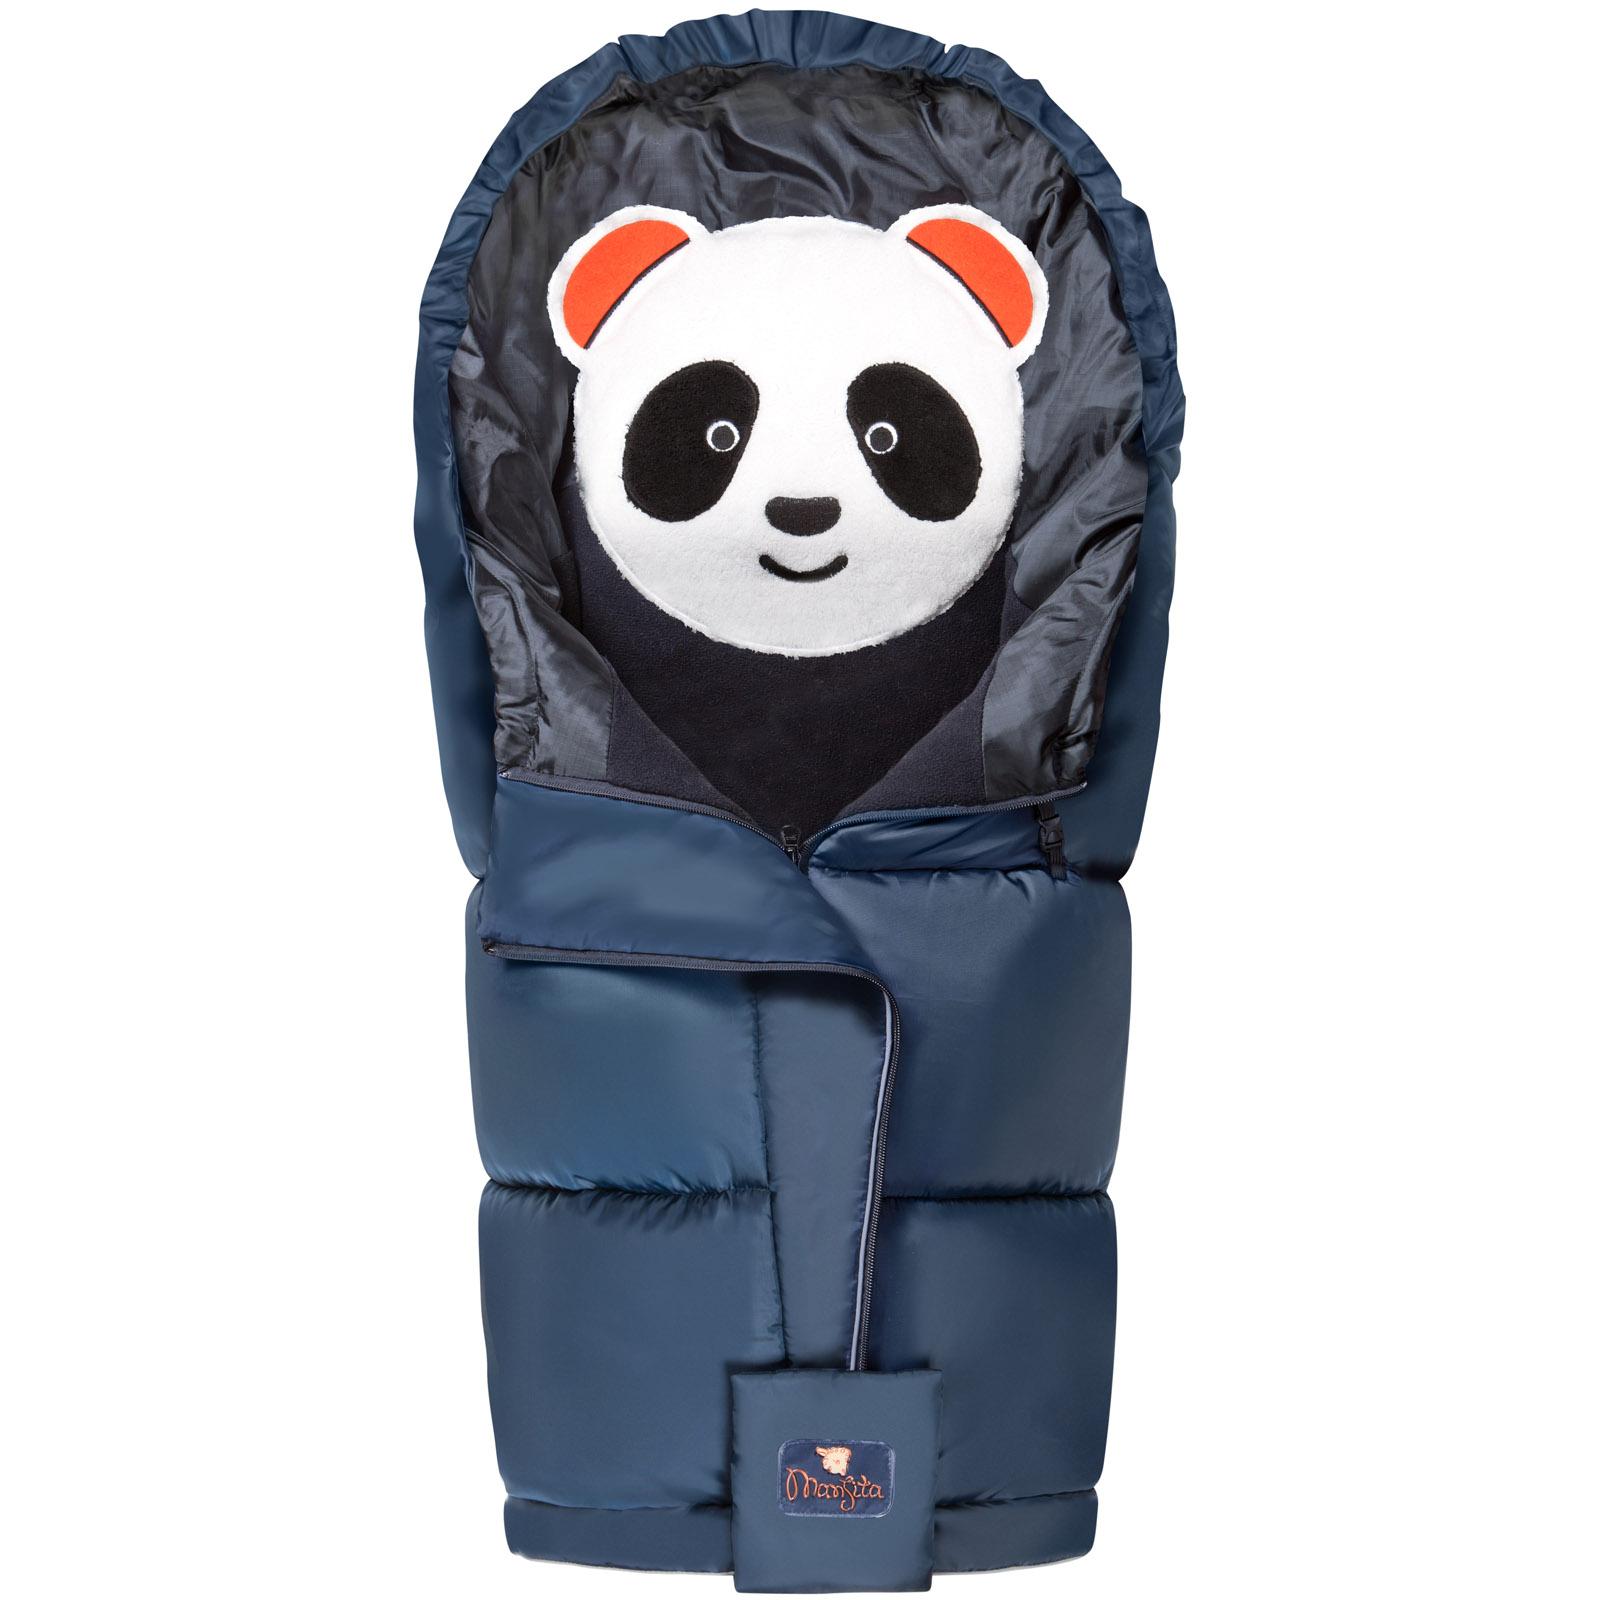 Конверт Mansita Panda флис Cиний<br>